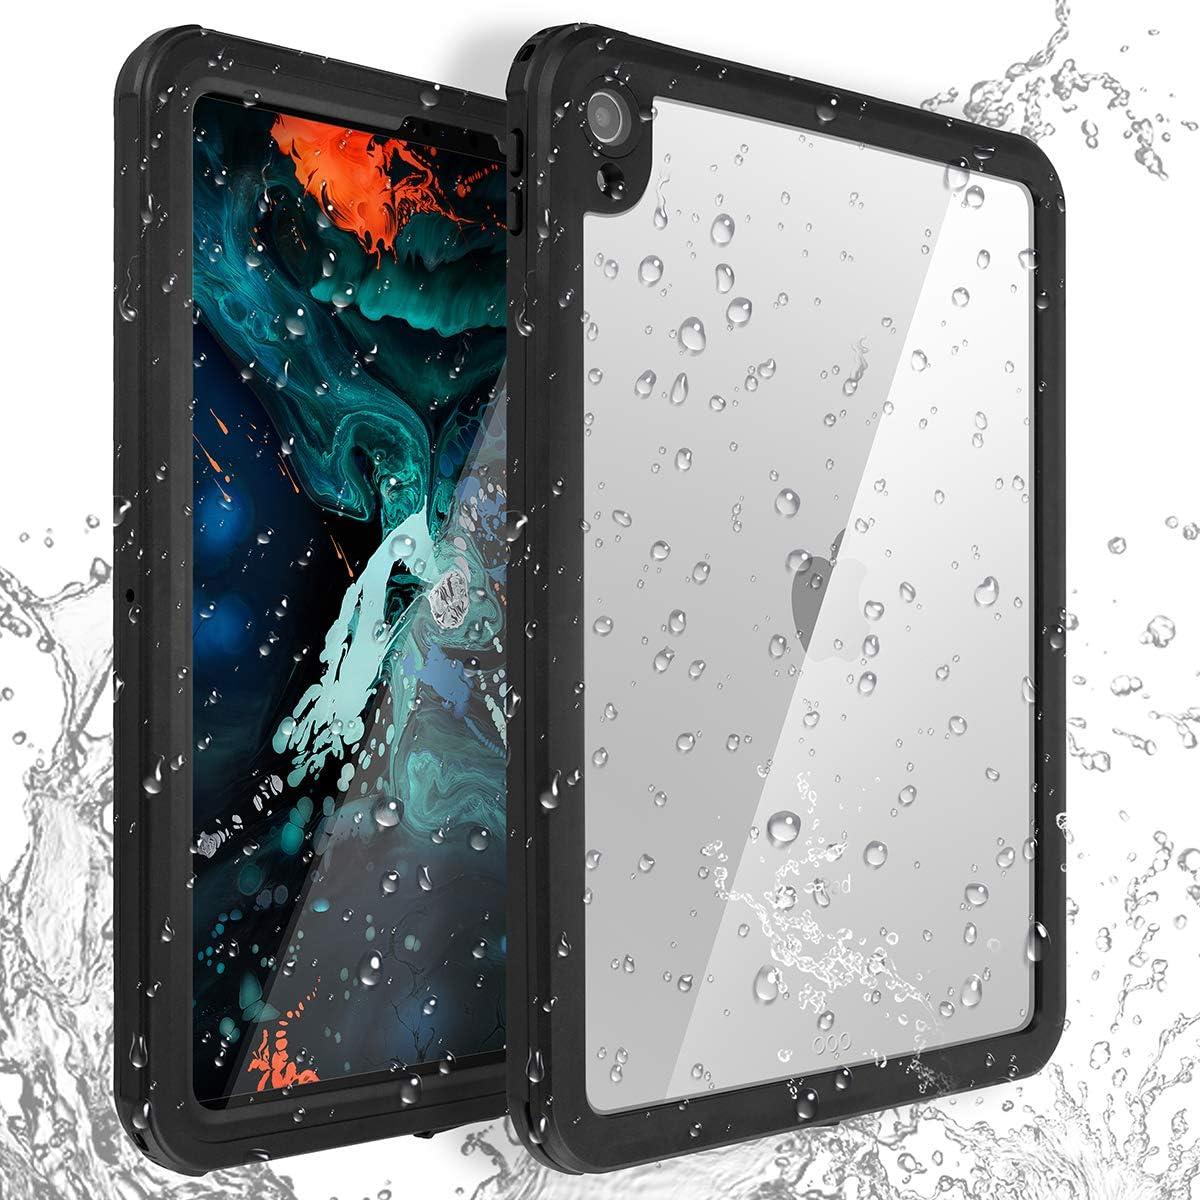 Aicase Hülle Für Ipad Pro 11 Zoll 2018 Wasserdichte Elektronik